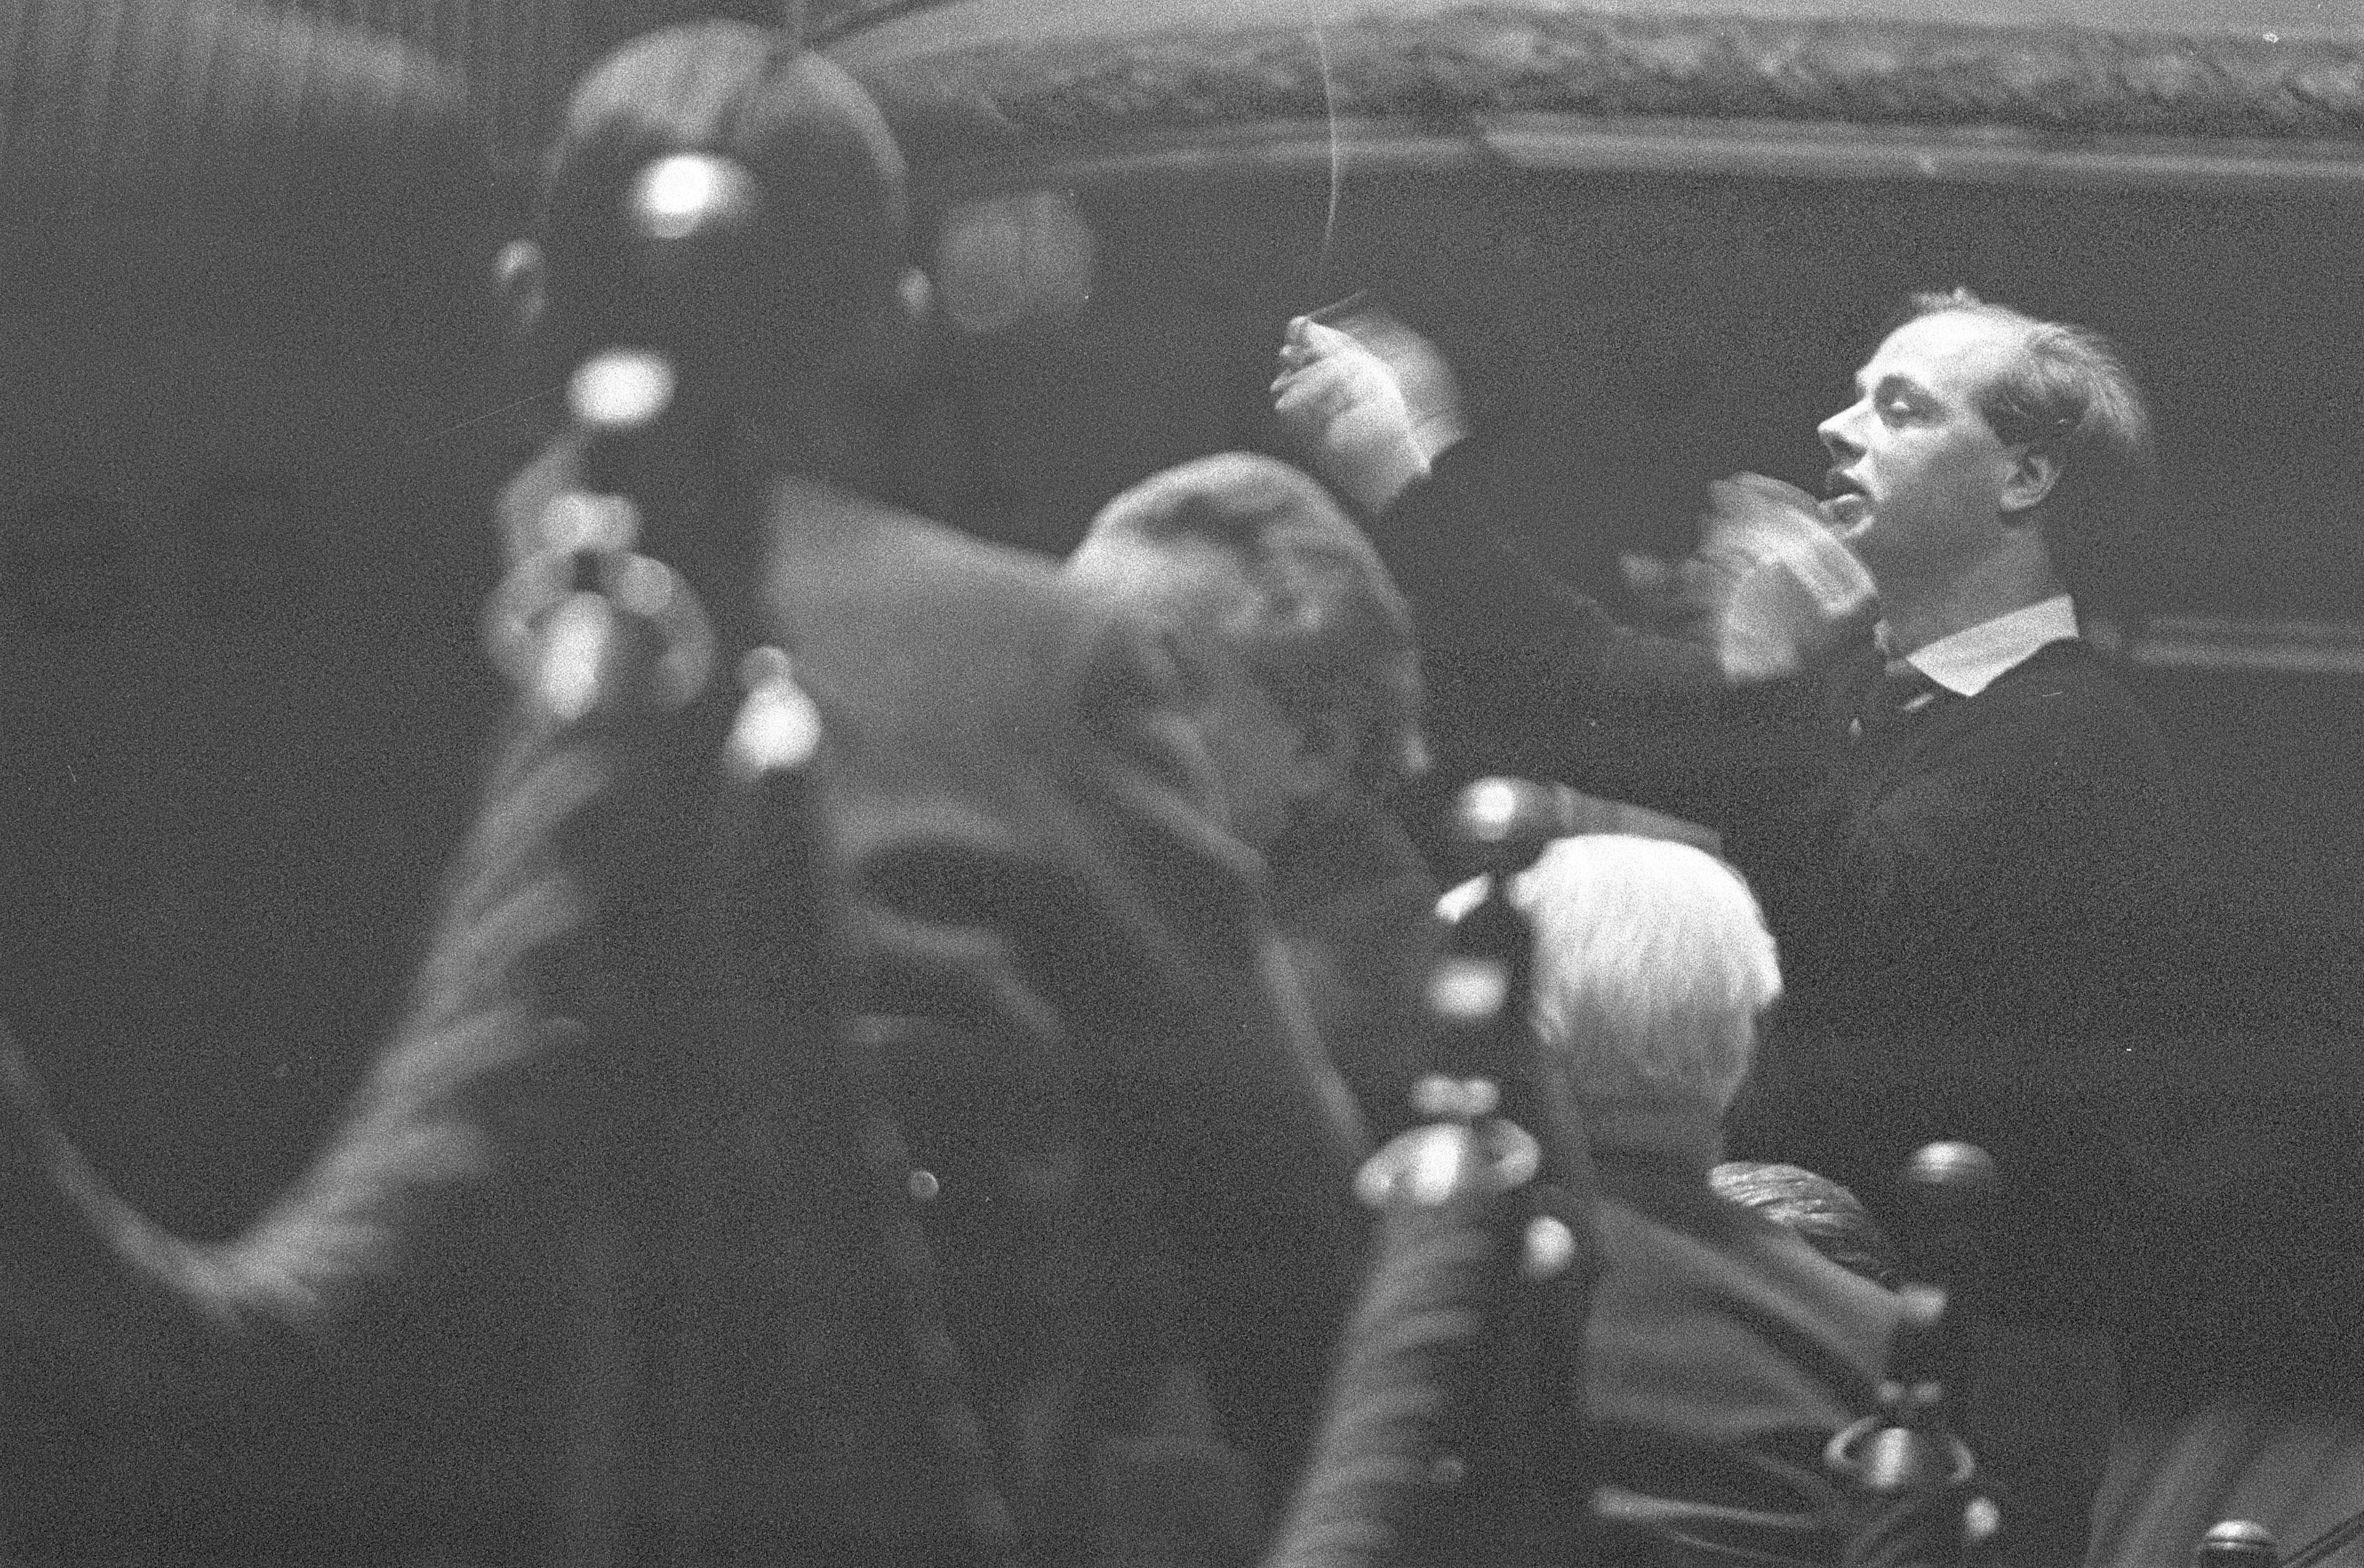 24 mars 1960, Bernard HAITINK répète pour la première fois avec l'Orchestre du Concertgebouw après avoir pris la succession d'Eduard van Beinum, Collection / Archive Fotocollectie Anefo, Photographer Pot, Harry / Anefo, Copyright Holder Nationaal Archief, CC0, Catalog reference number 2.24.01.05, Inventory File Number 911-1193, cliquer pour plus d'infos